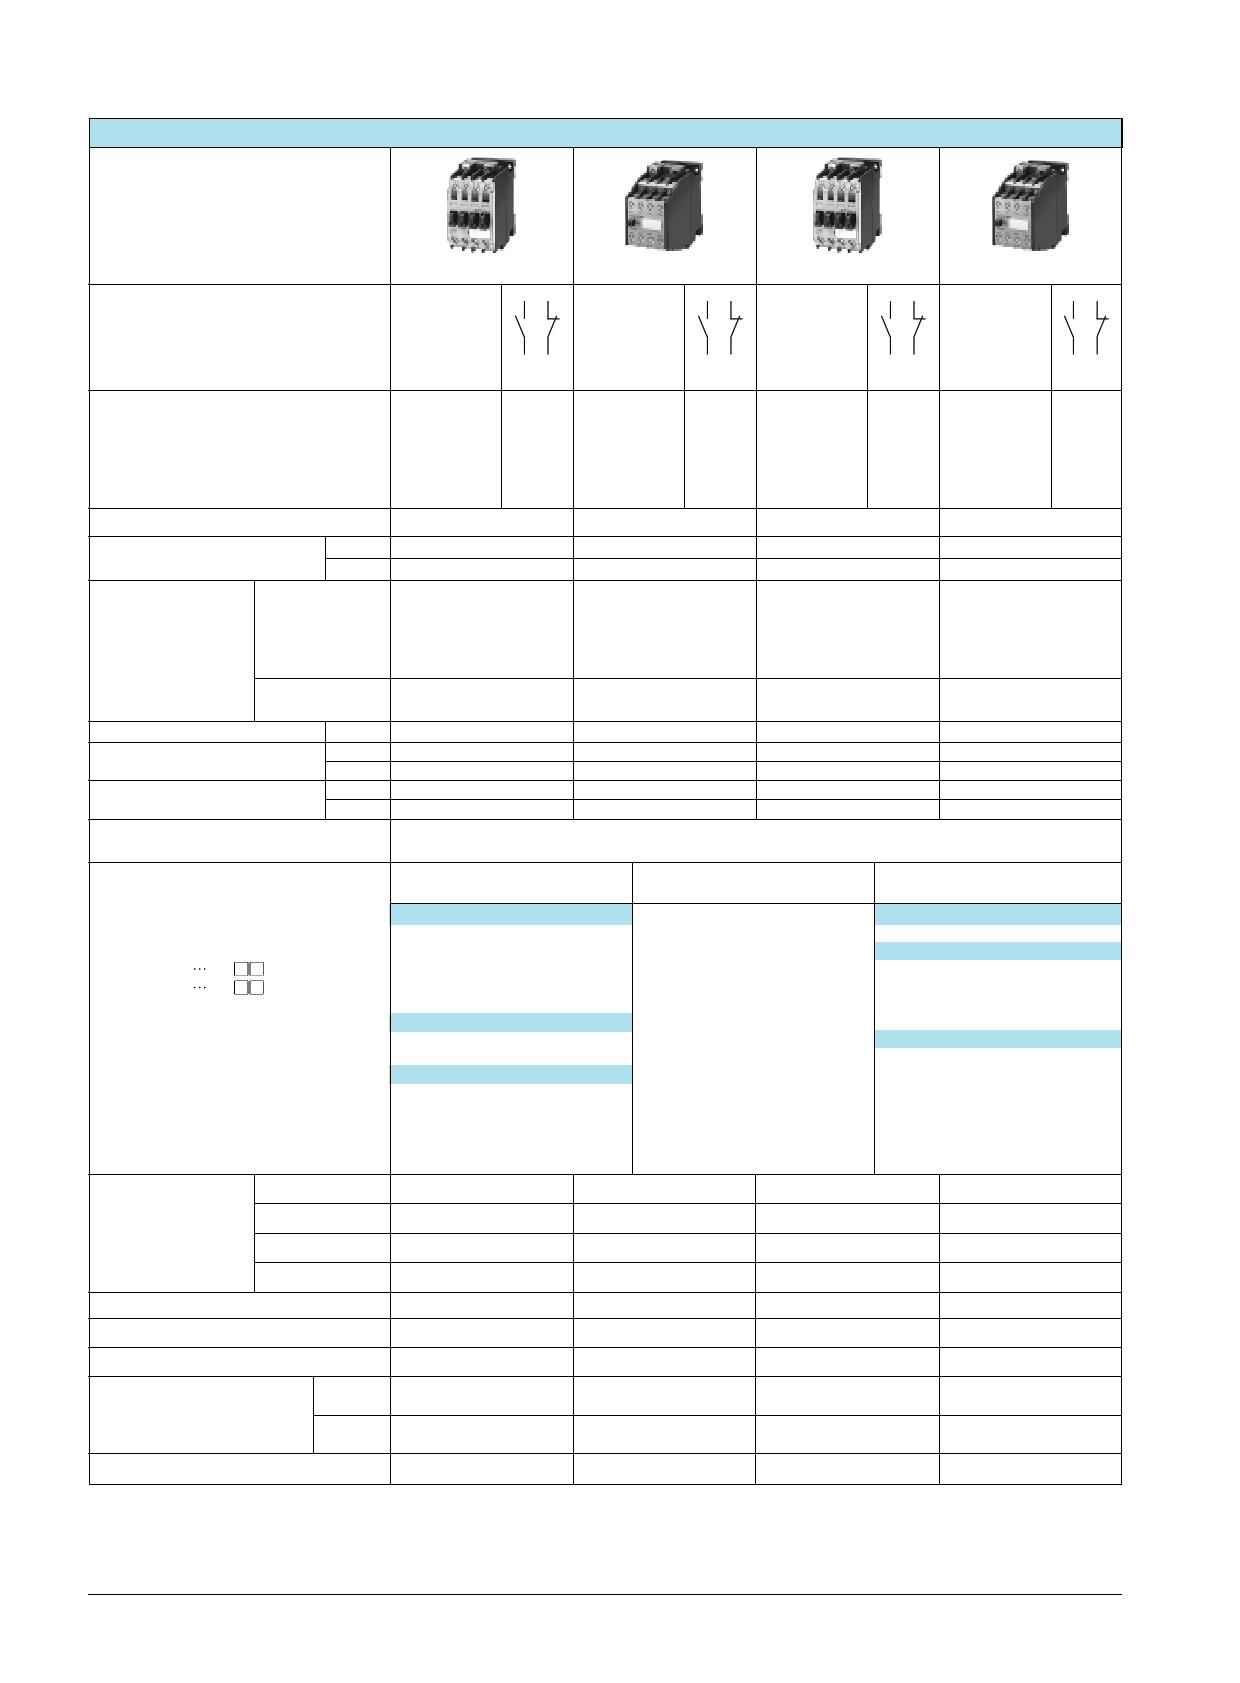 3TF43 Datenblatt PDF